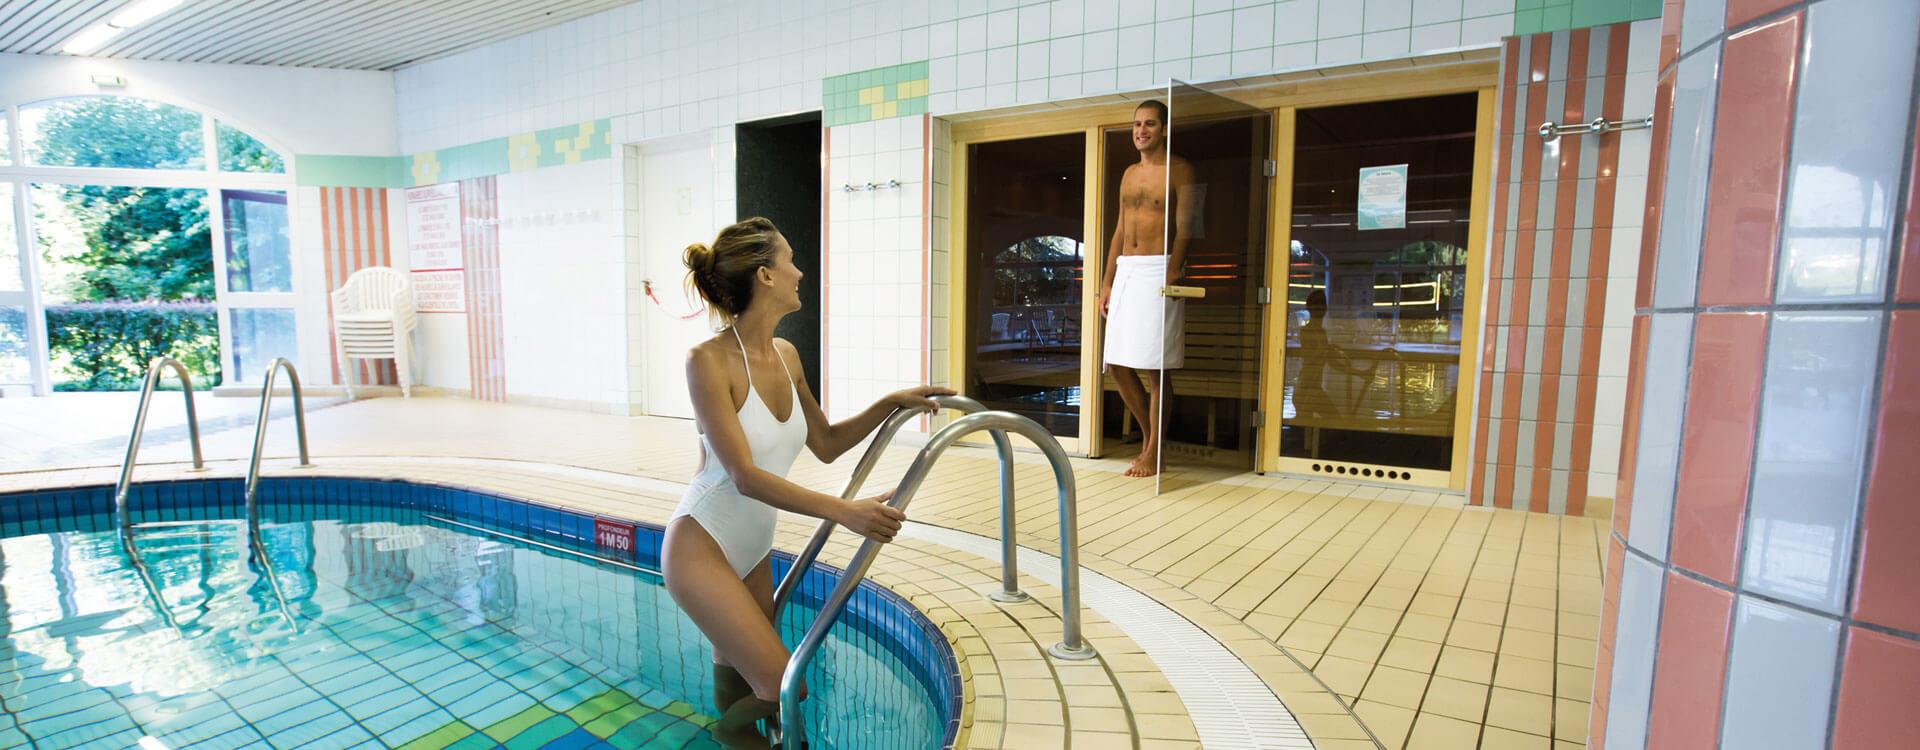 Espace détente - Hôtel & spa*** La Villa Marlioz à Aix-les-Bains